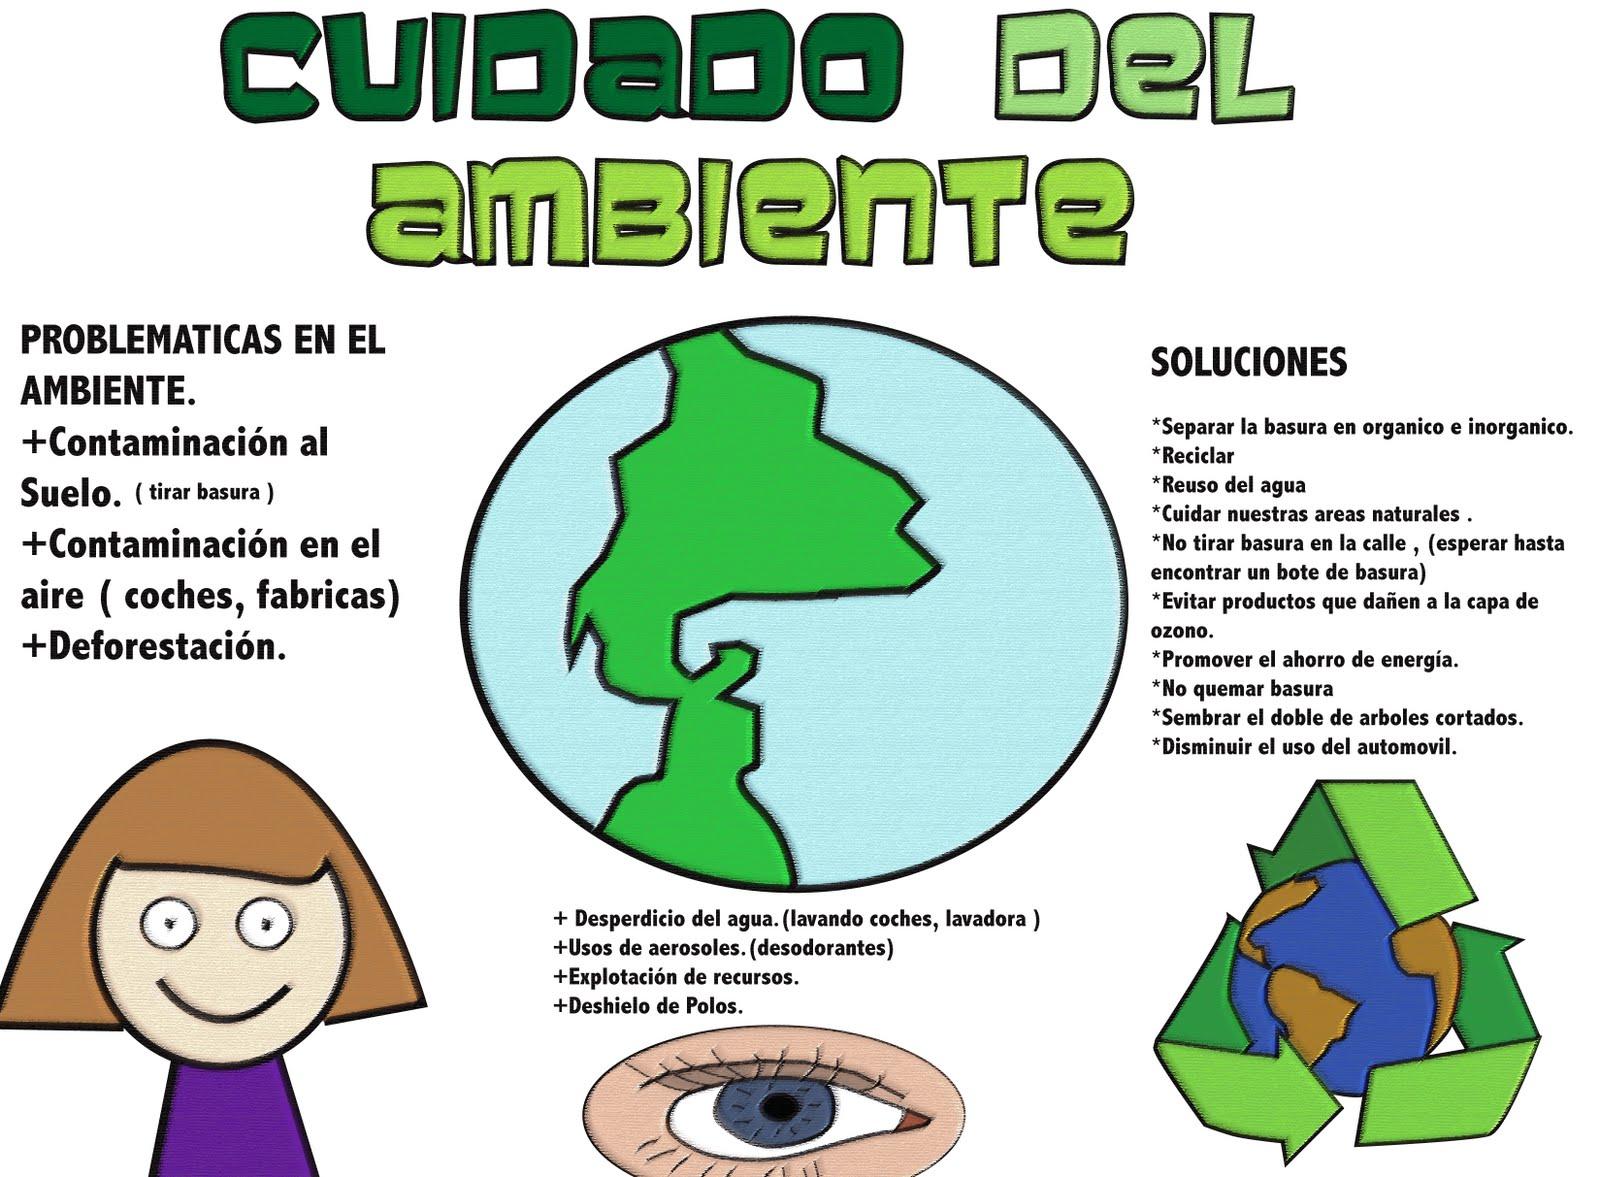 Filosofía I Grupo: 522 - Solución a los problemas ambientales.: EN